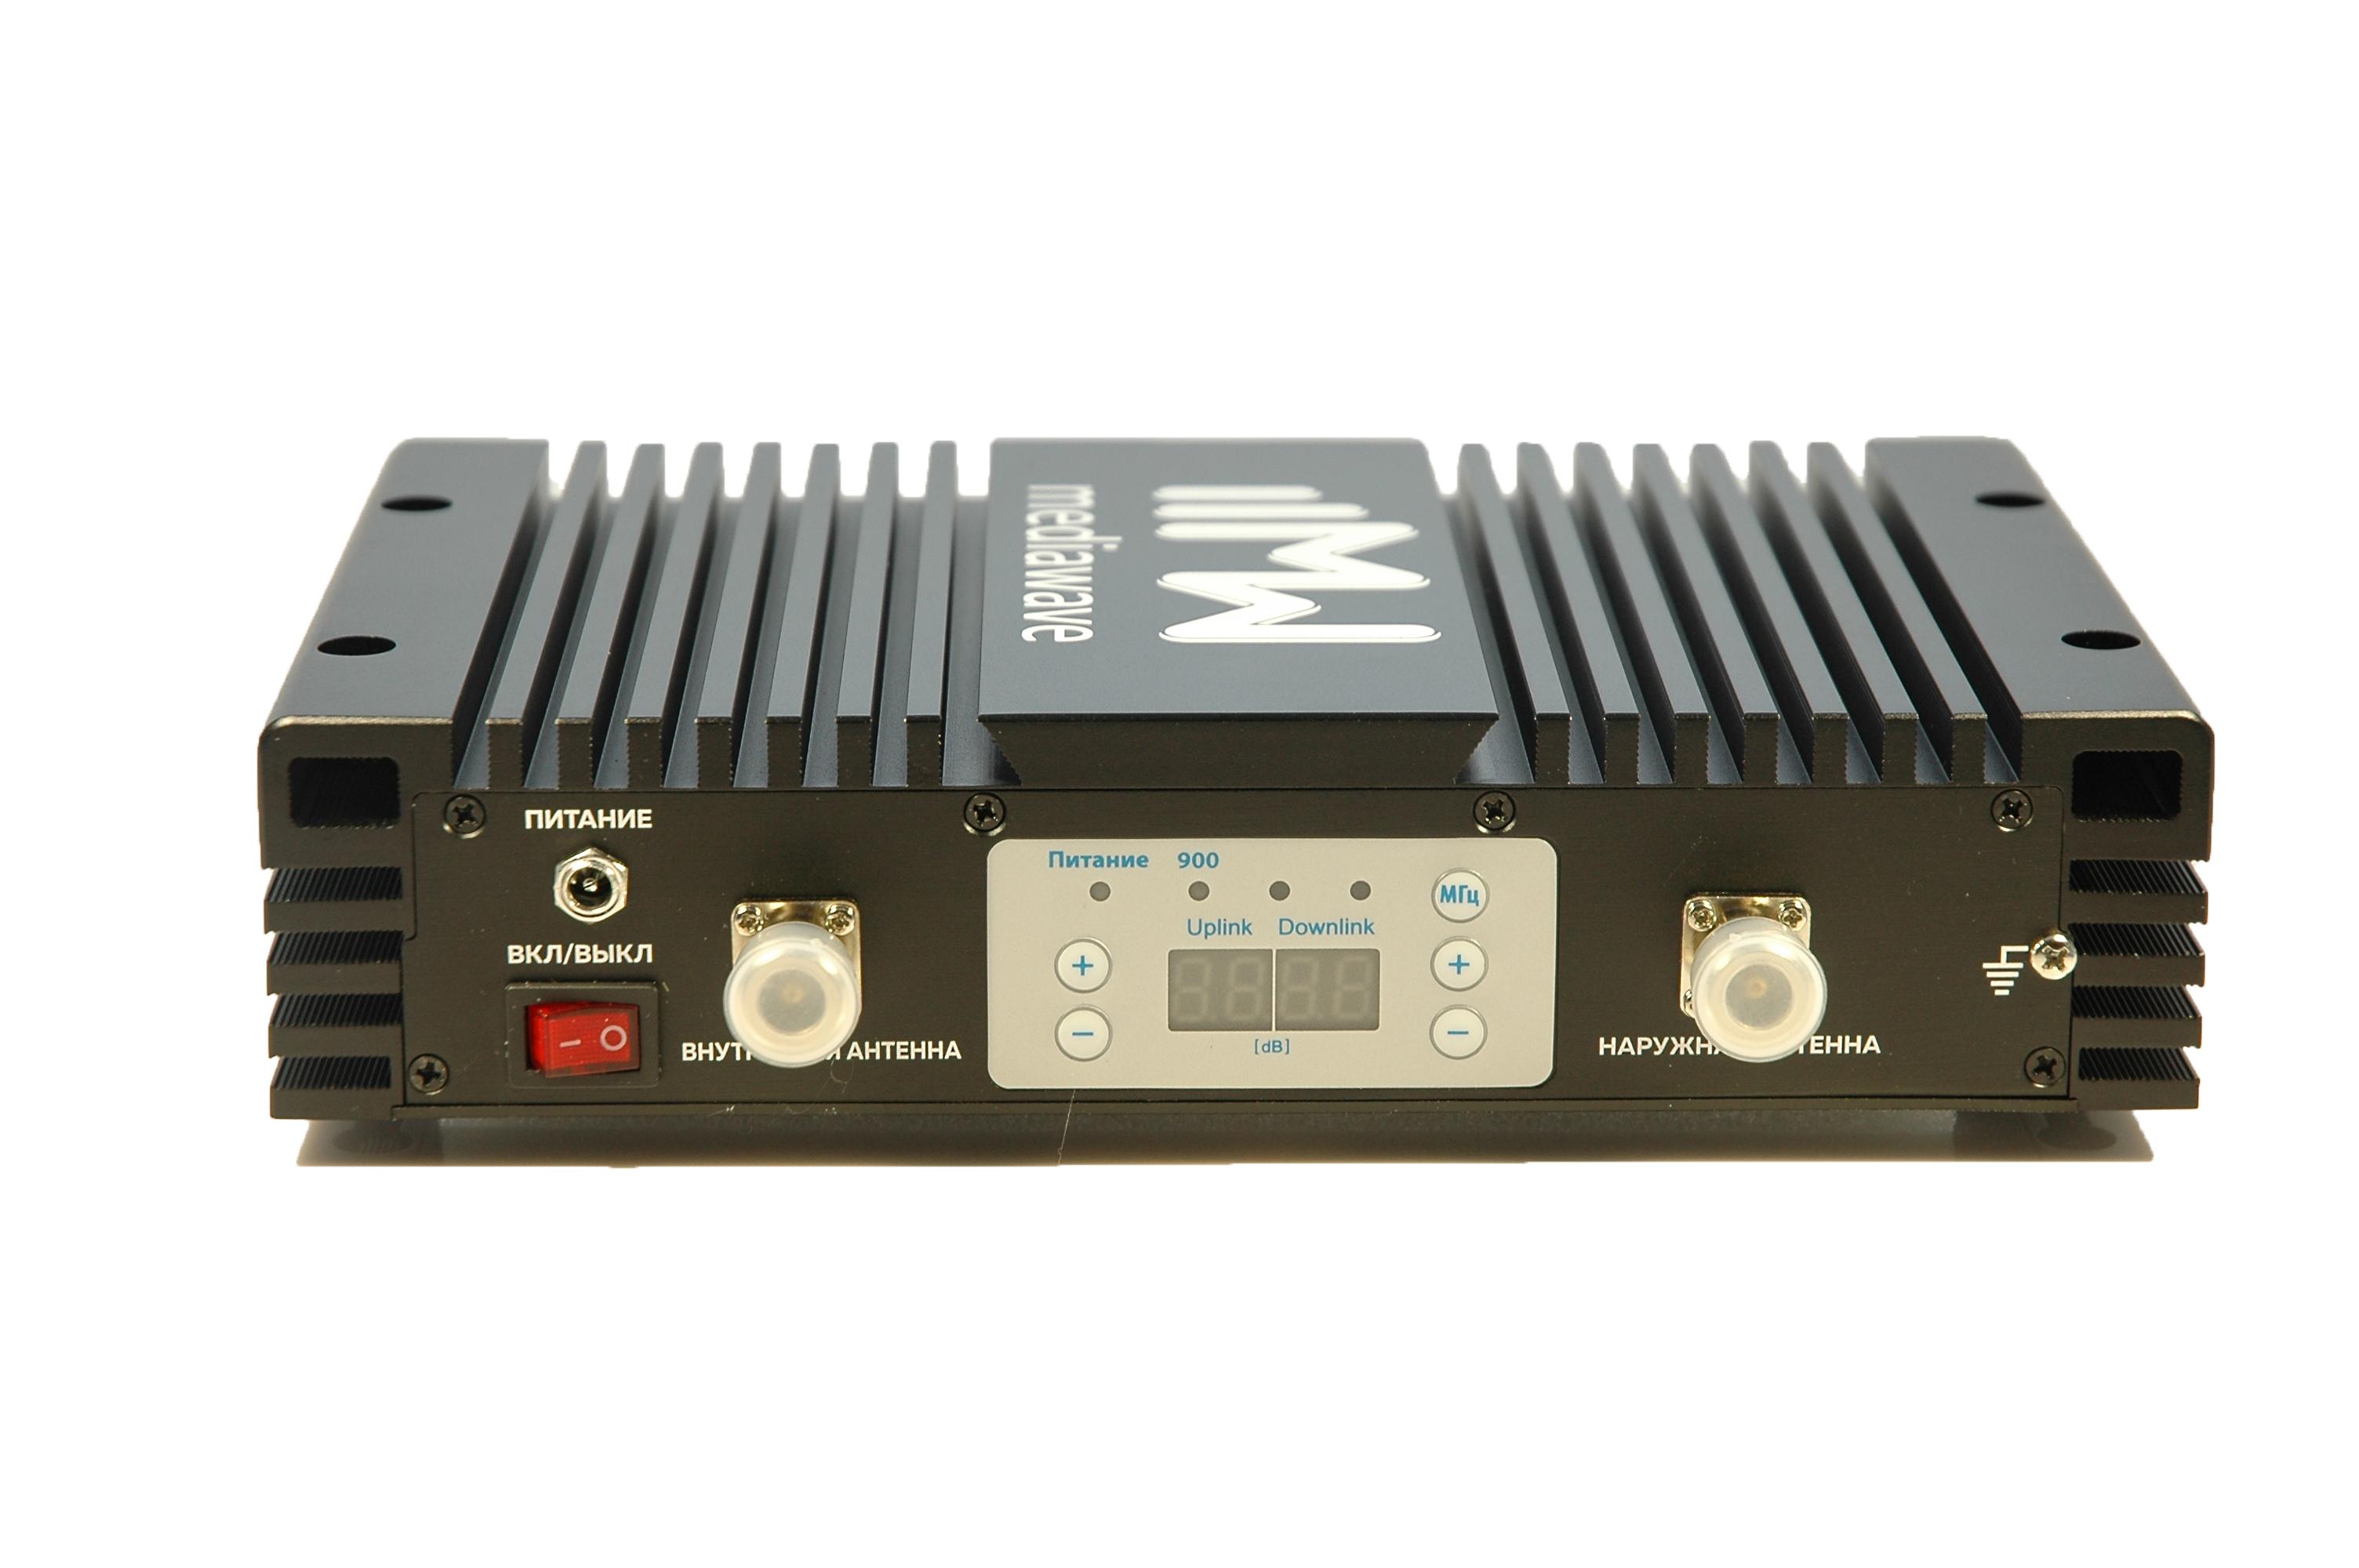 Линейный усилитель (бустер) в стандарте связи EGSM / UMTS 900 МГц - MediaWave MWS-EG-BST30